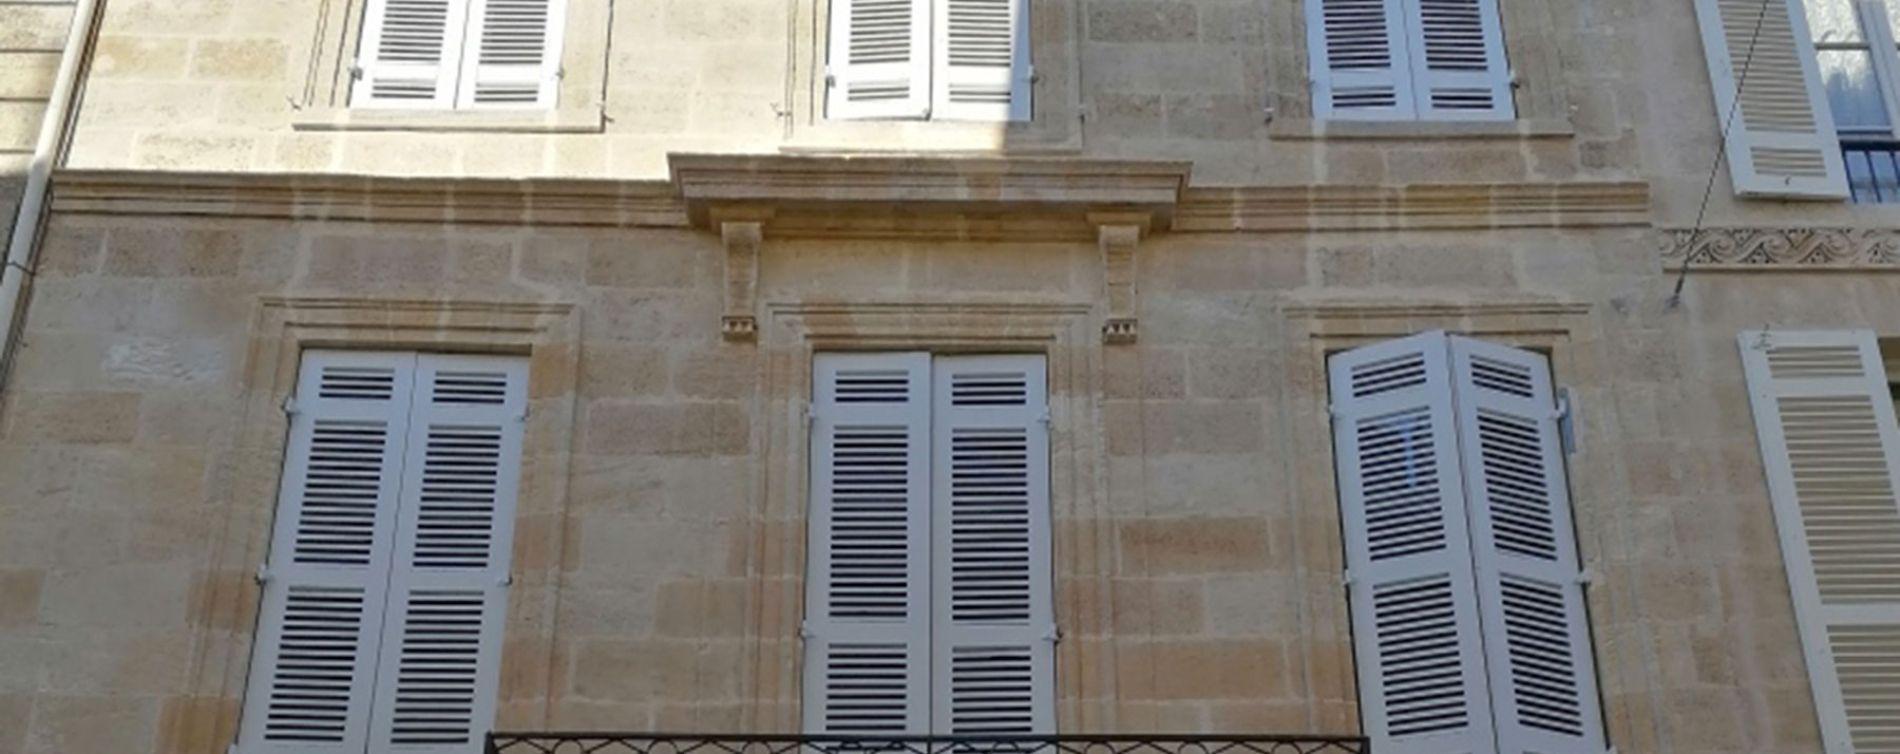 Résidence 29 rue des Menuts à Bordeaux